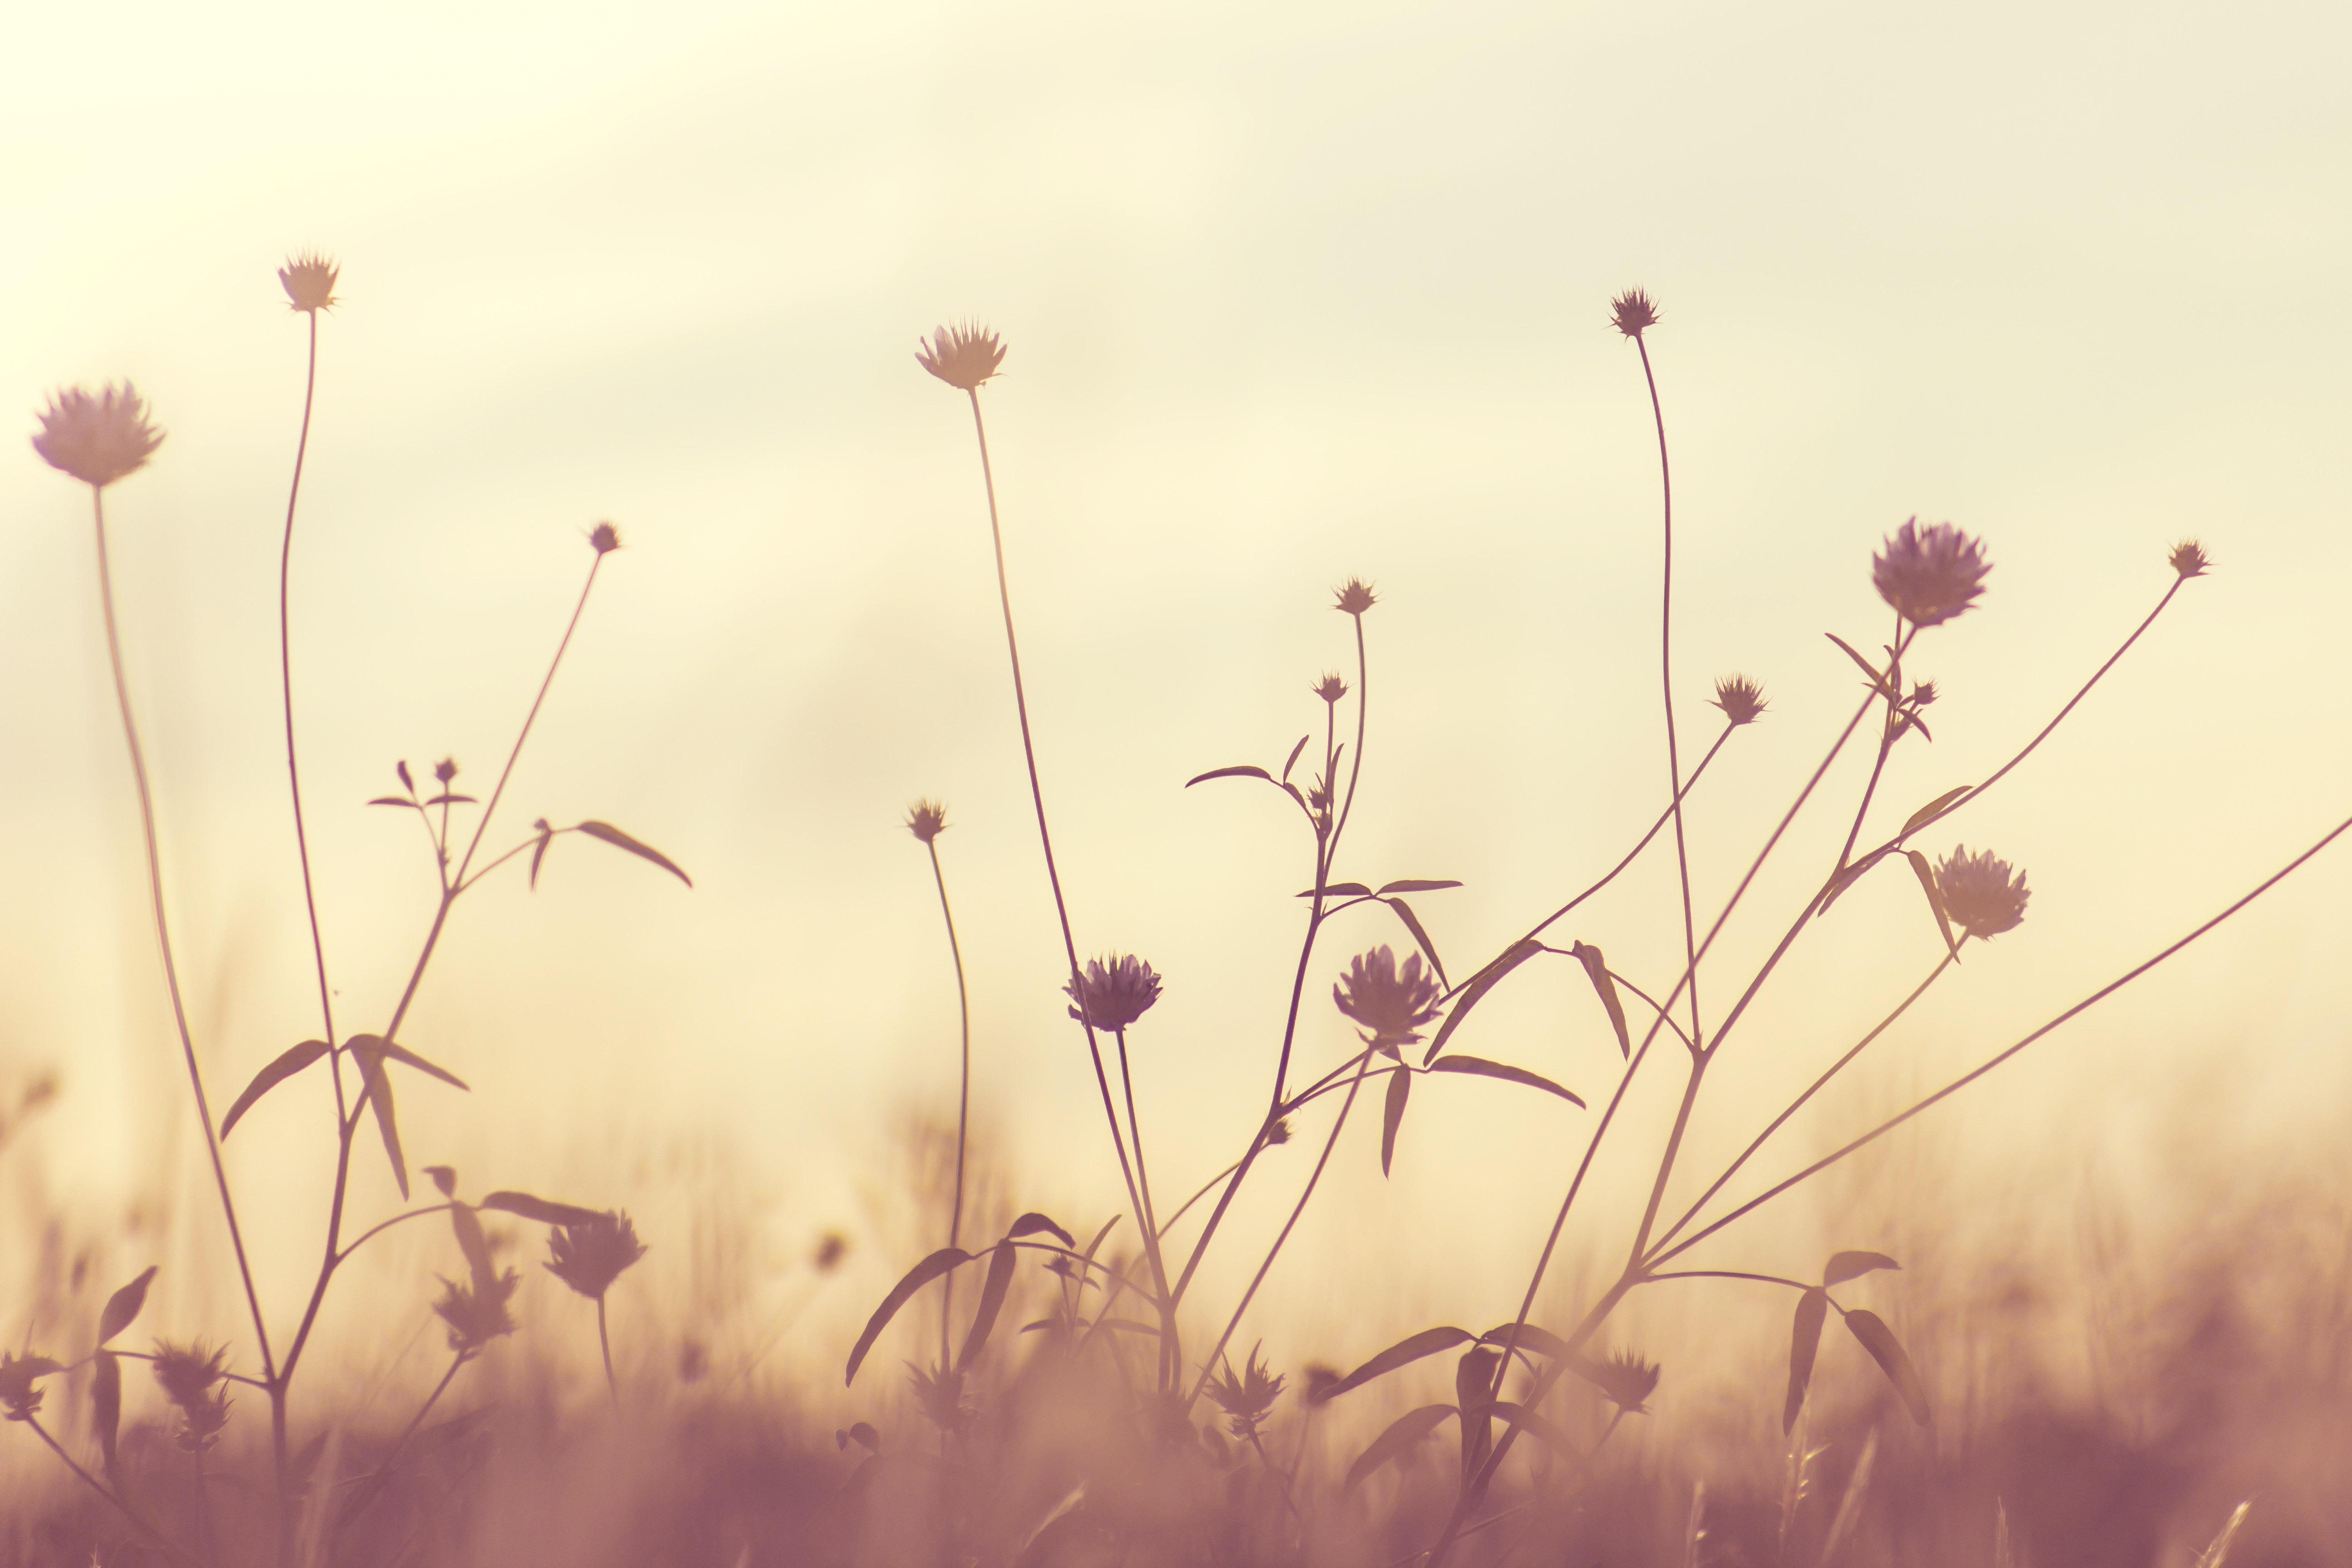 /var/www/html/wp-content/uploads/2018/11/bloom-blossom-flora-114735-1